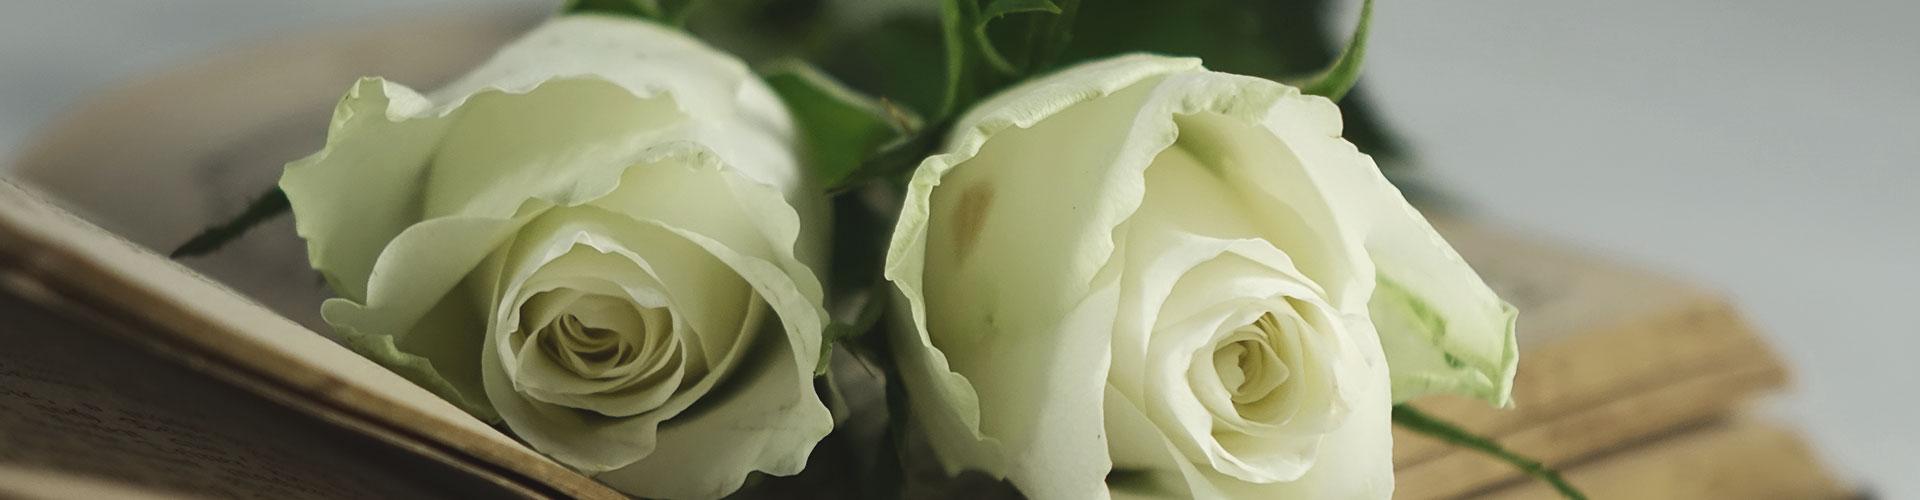 Weiße Rosen auf einem Sarg